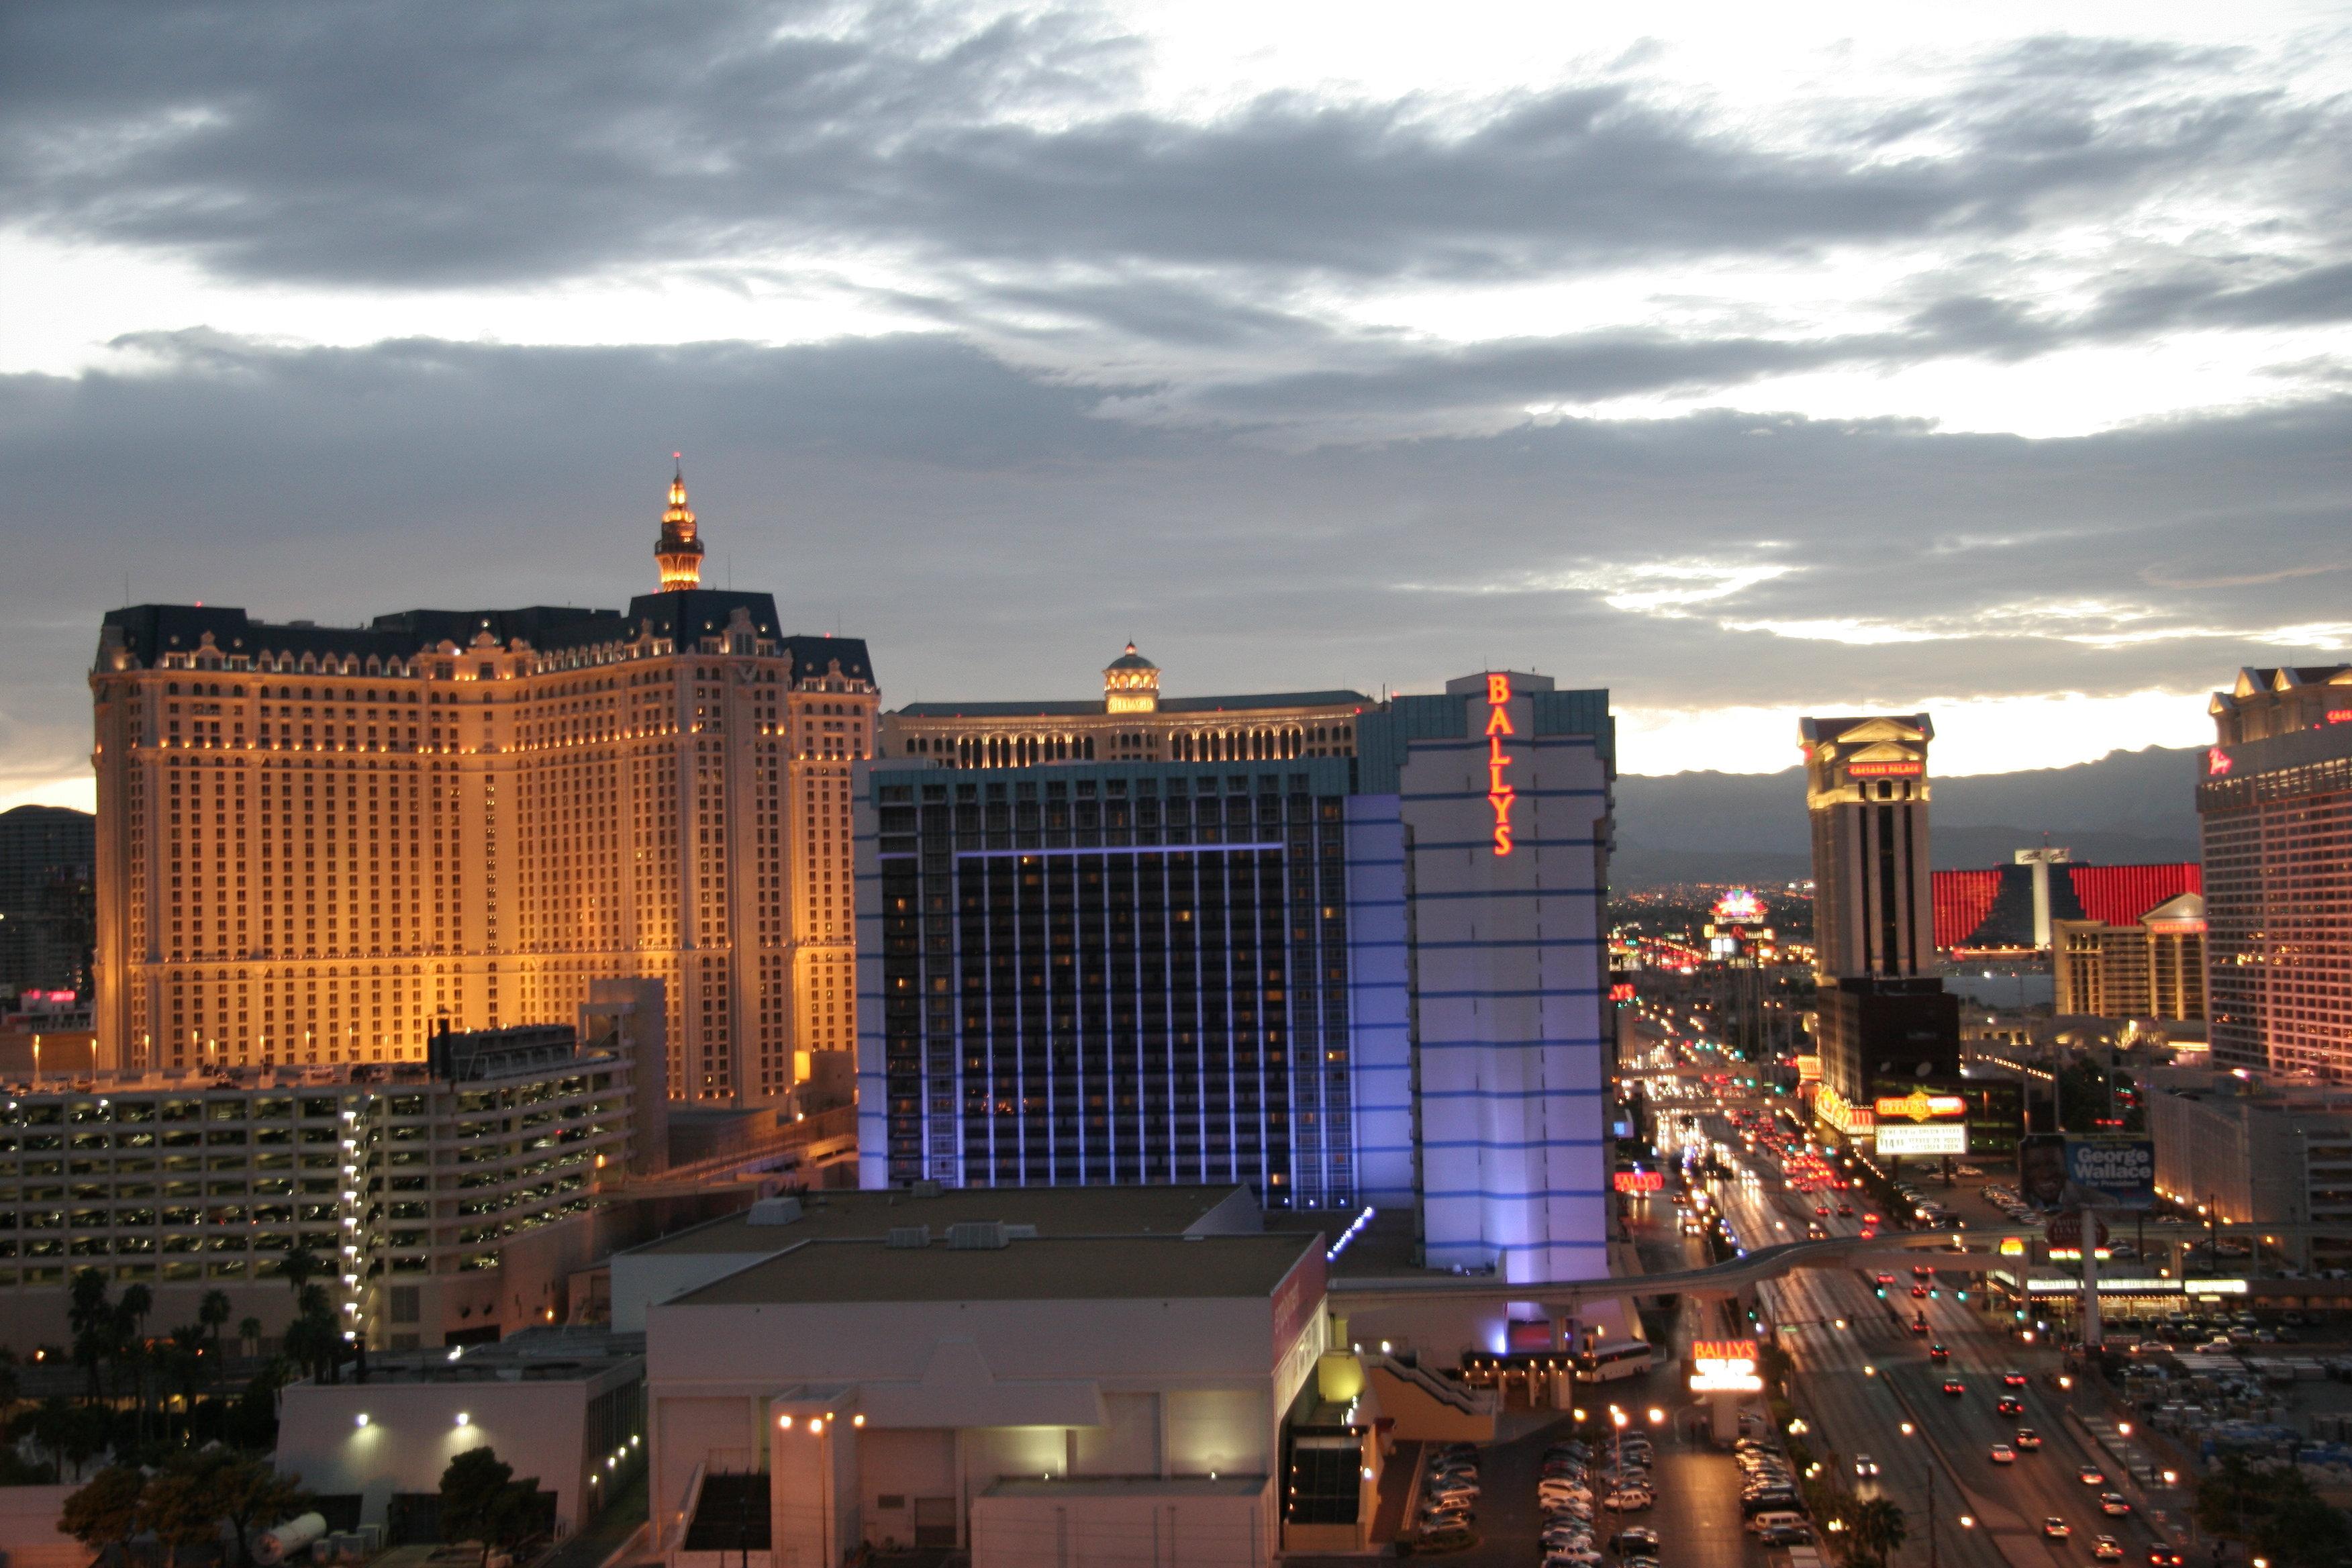 The Platinum Hotel & Spa image 4